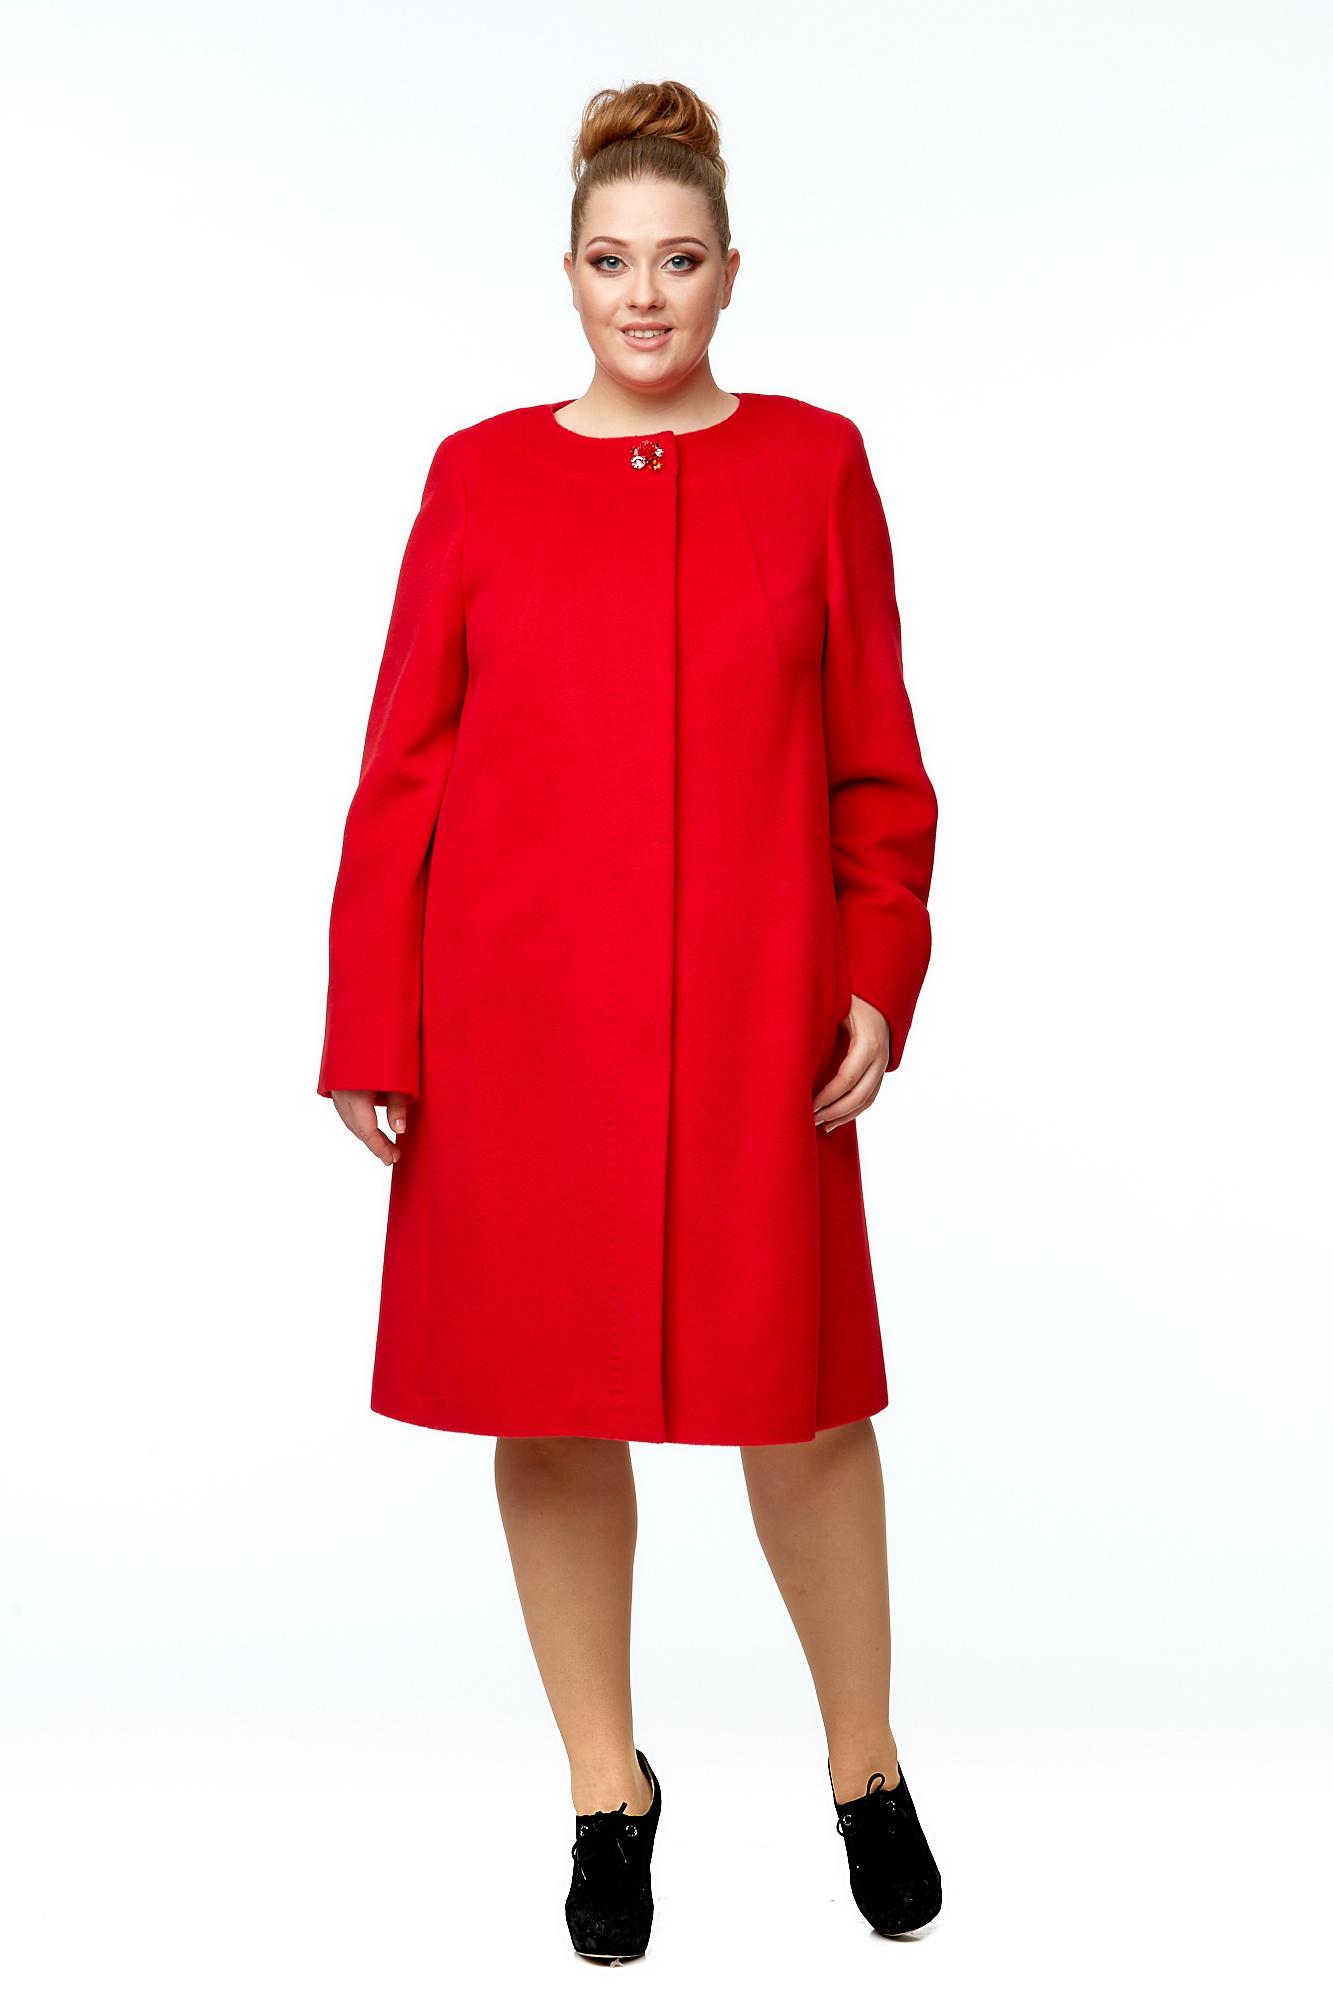 Купить Женское пальто из текстиля, МОСМЕХА, красный, Шерсть, 8001994